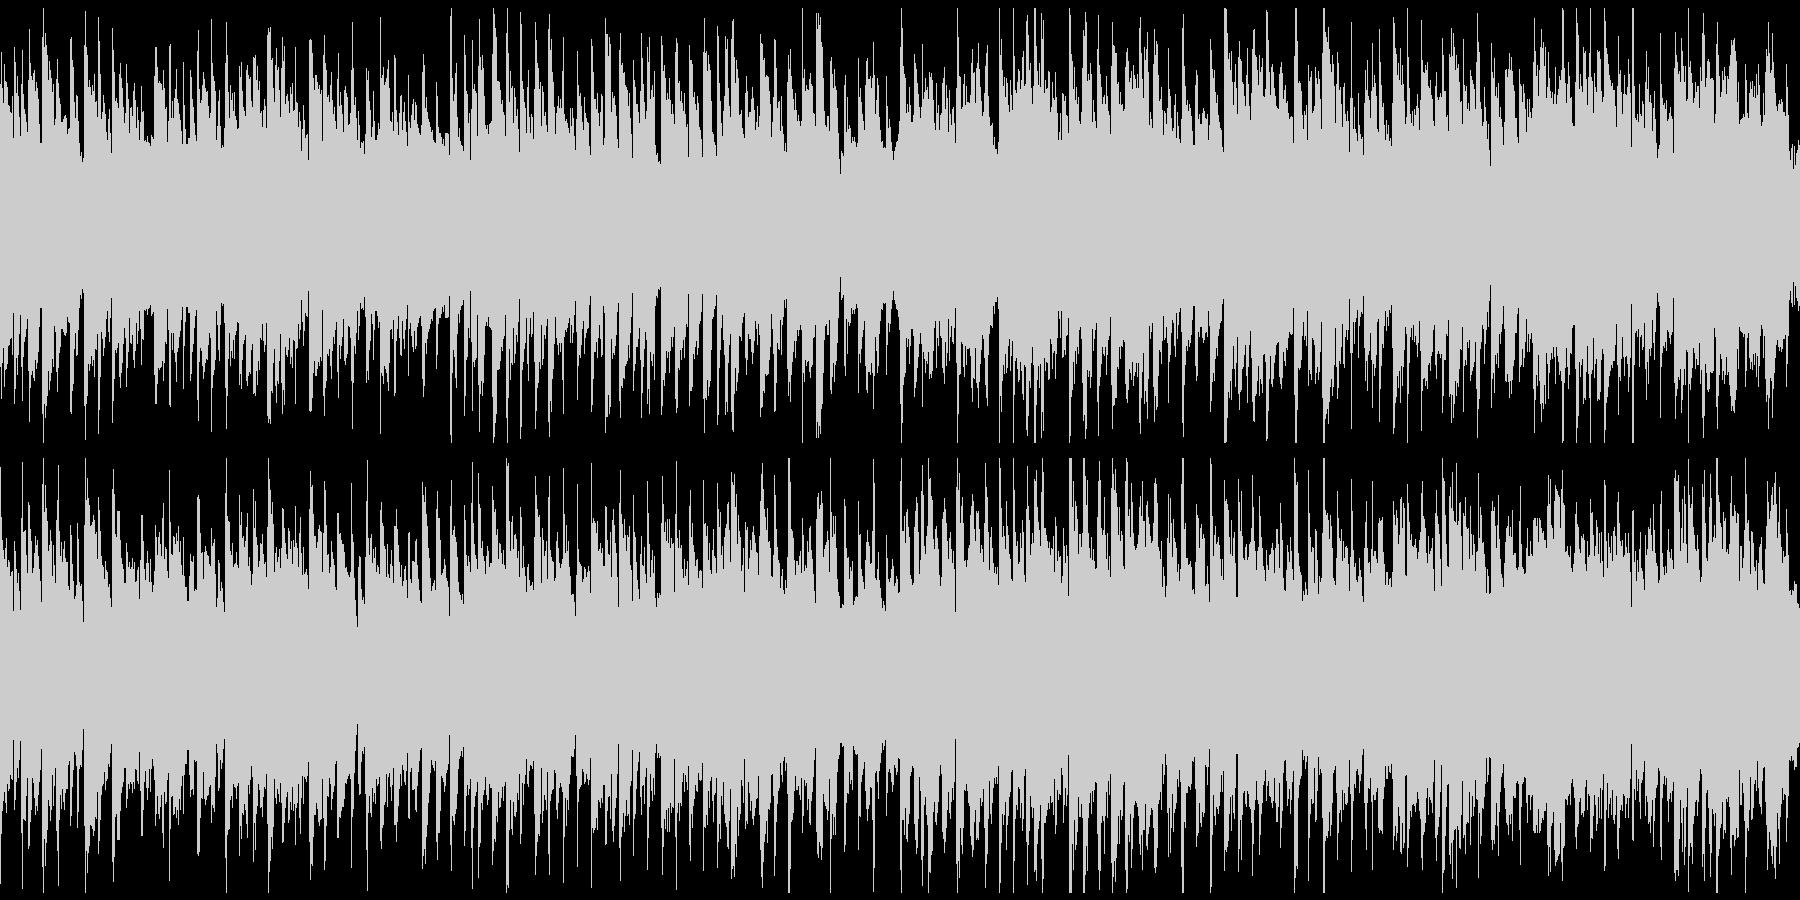 黄昏、オルガンとリコーダー ※ループ版の未再生の波形